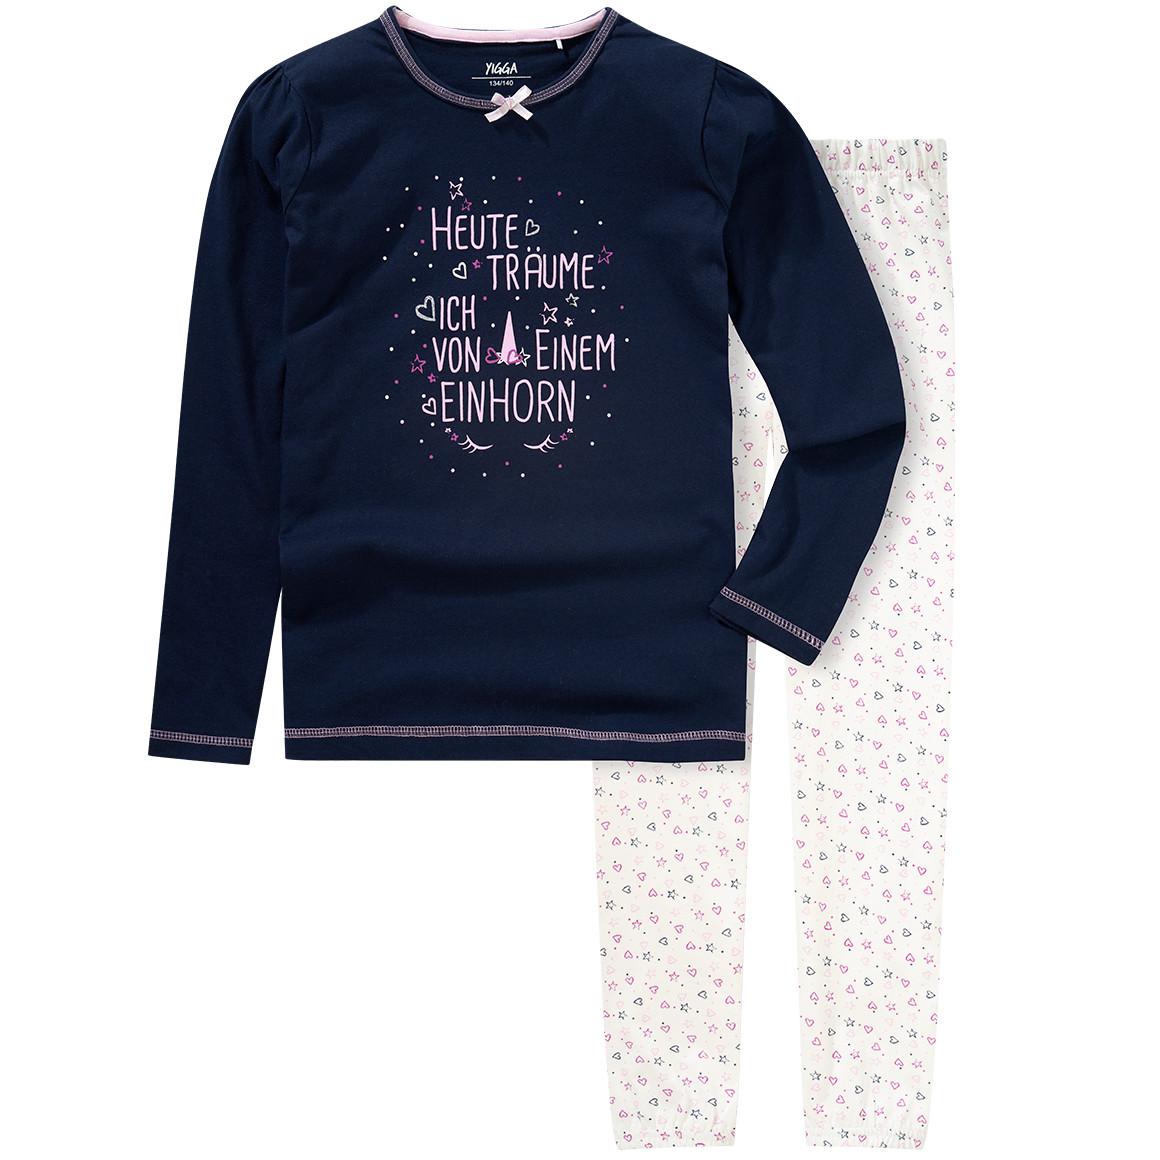 Girlswaeschenachtwaesche - Mädchen Schlafanzug mit Einhorn Print - Onlineshop Ernstings family